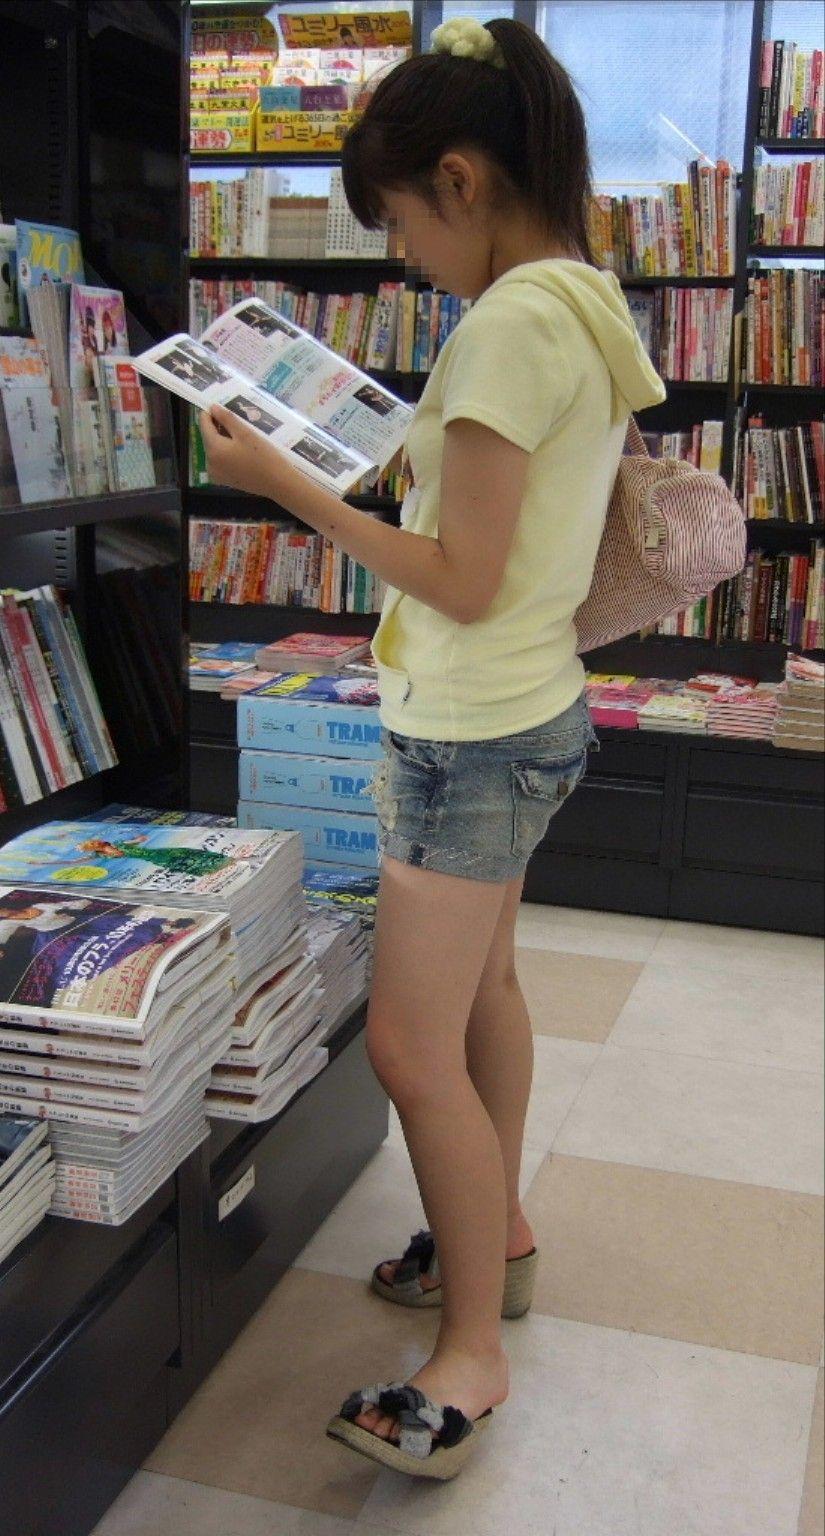 立ち読みしてる少女の生足がエロ過ぎてヤバイ!